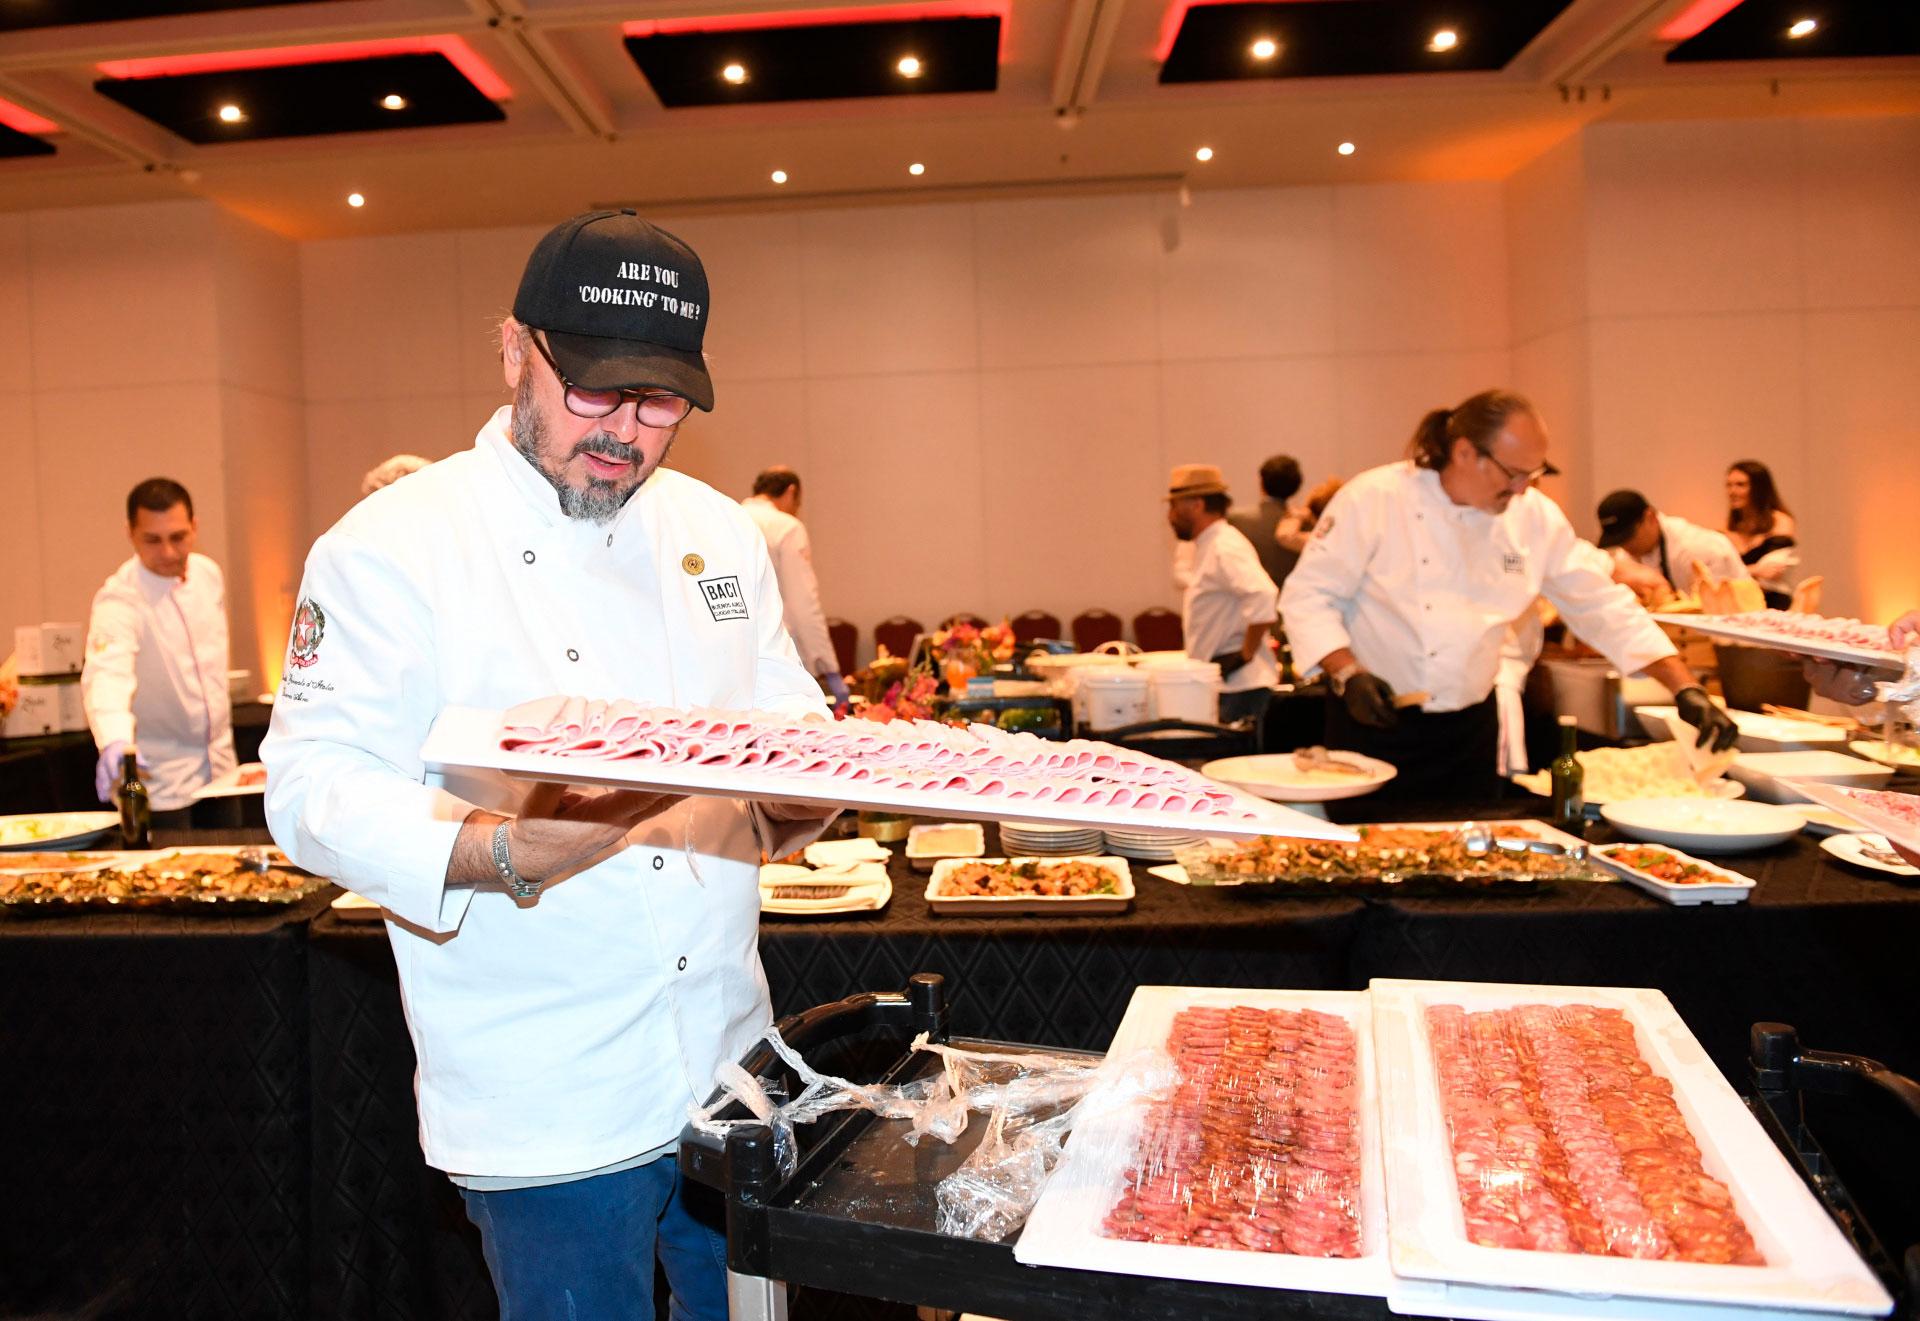 Donato De Santis en plena preparación del banquete